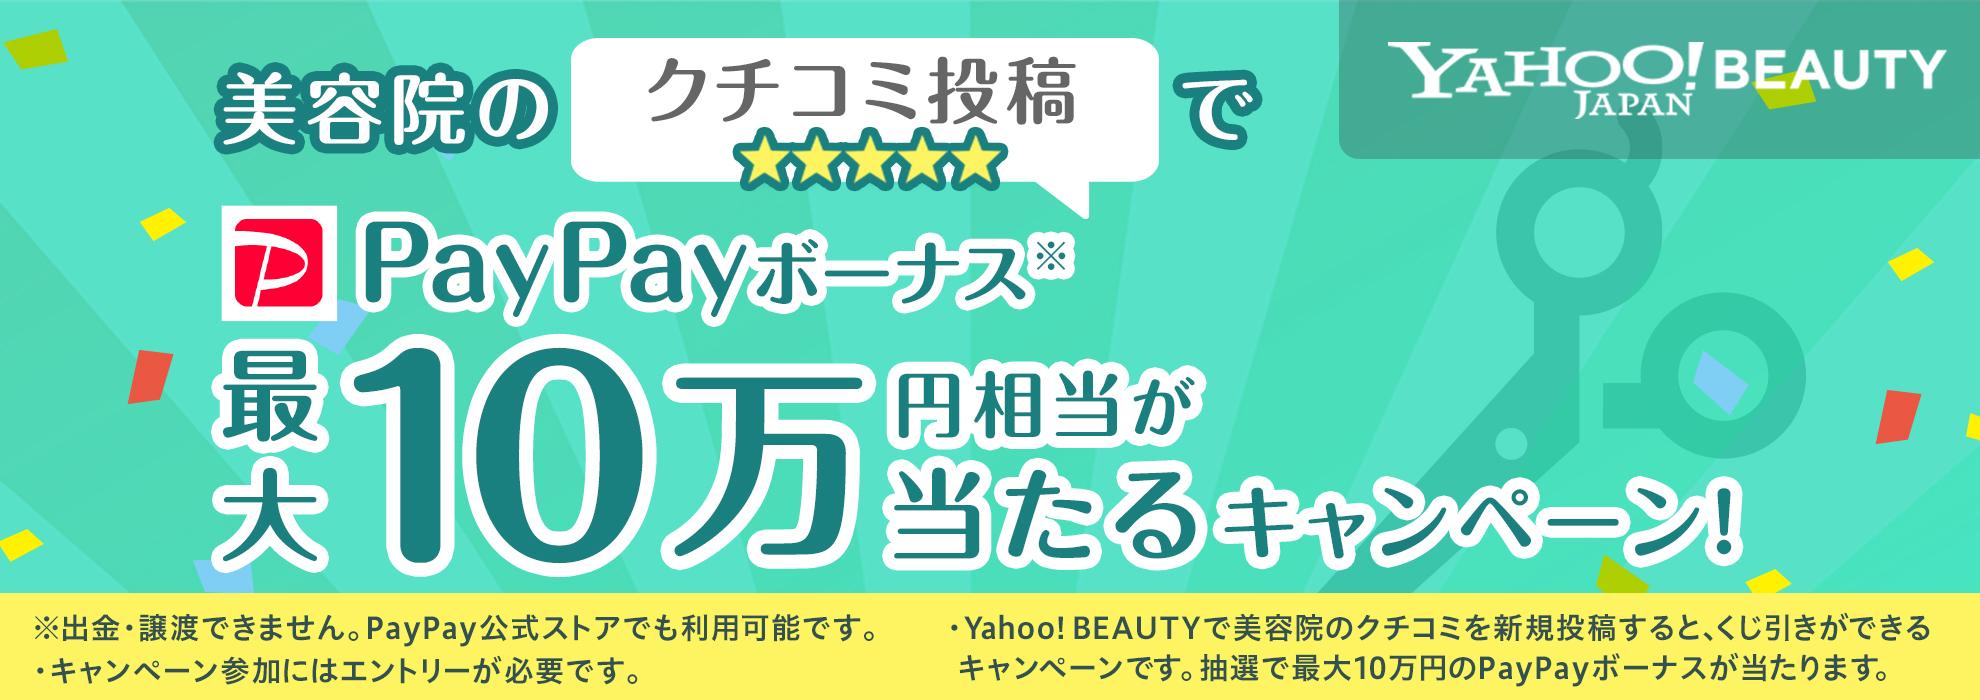 最大10万円相当のPayPayボーナスが当たる!